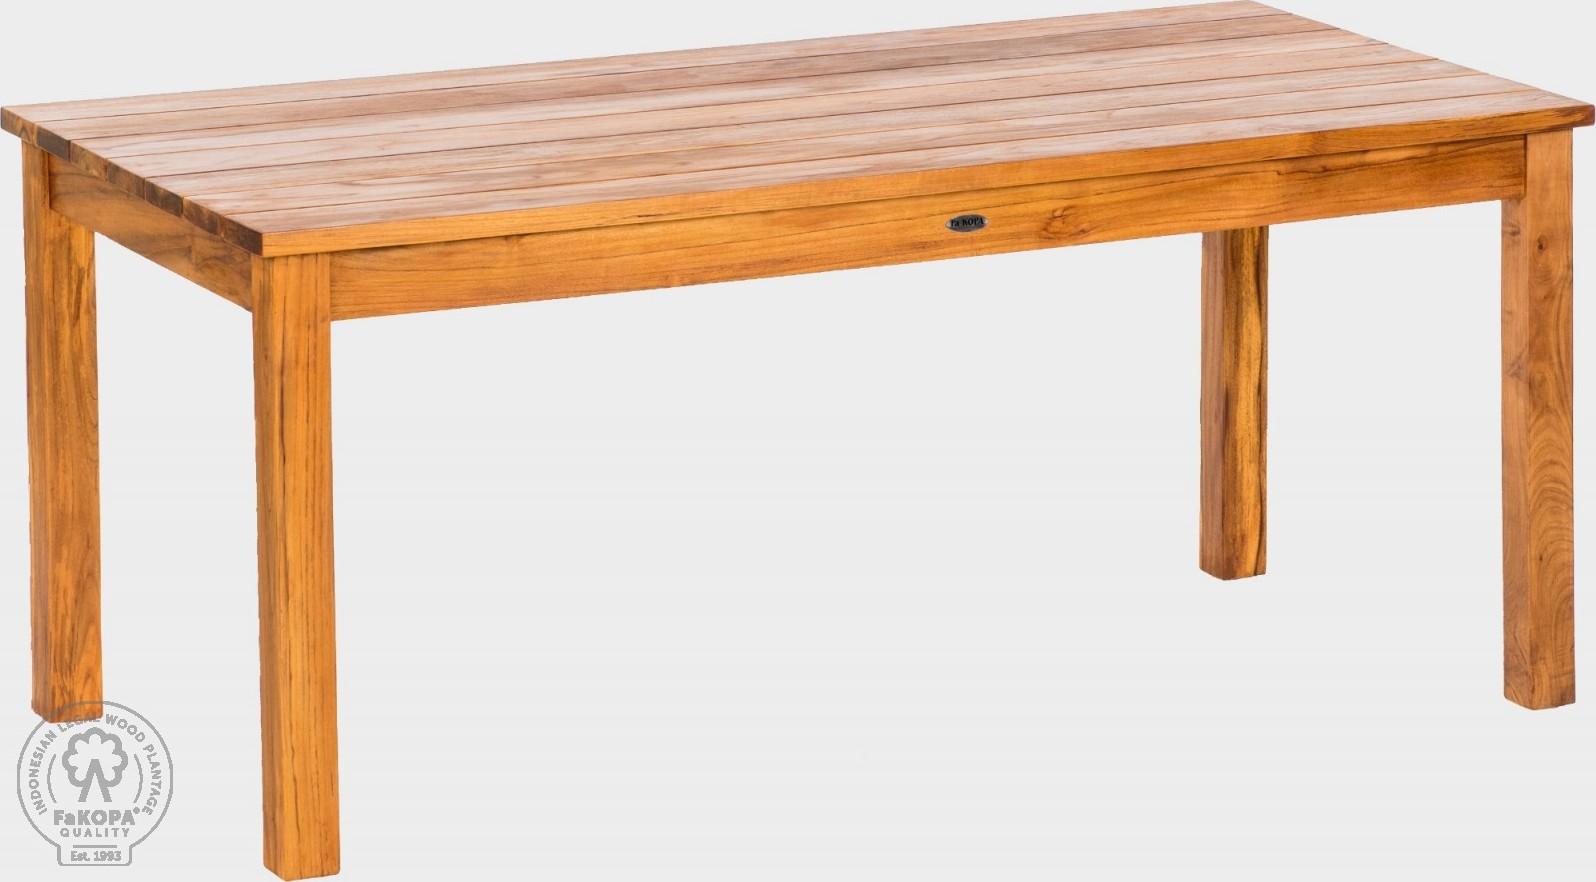 FaKOPA Dřevěný jídelní stůl Marta